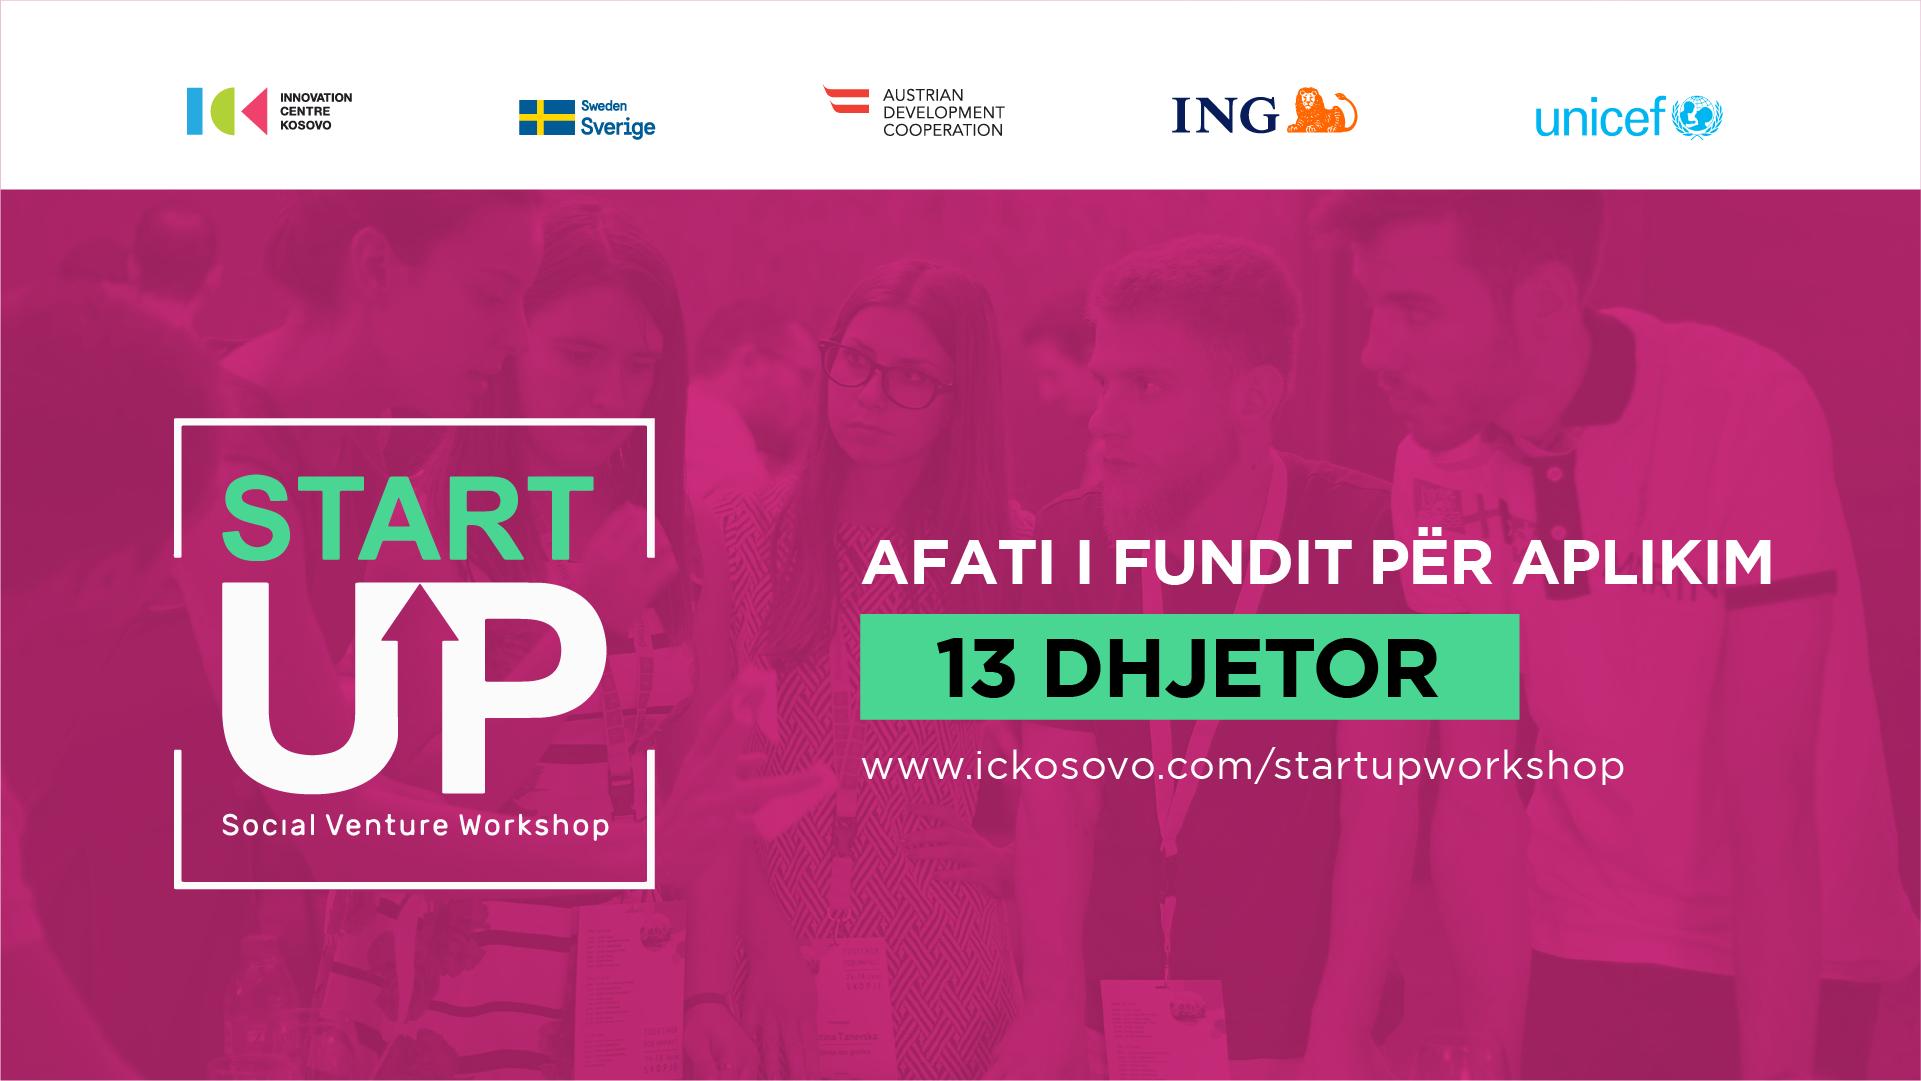 """Hapen aplikimet për edicionin e dytë të garës """"StartUP Social Venture"""" nga ICK dhe UNICEF"""